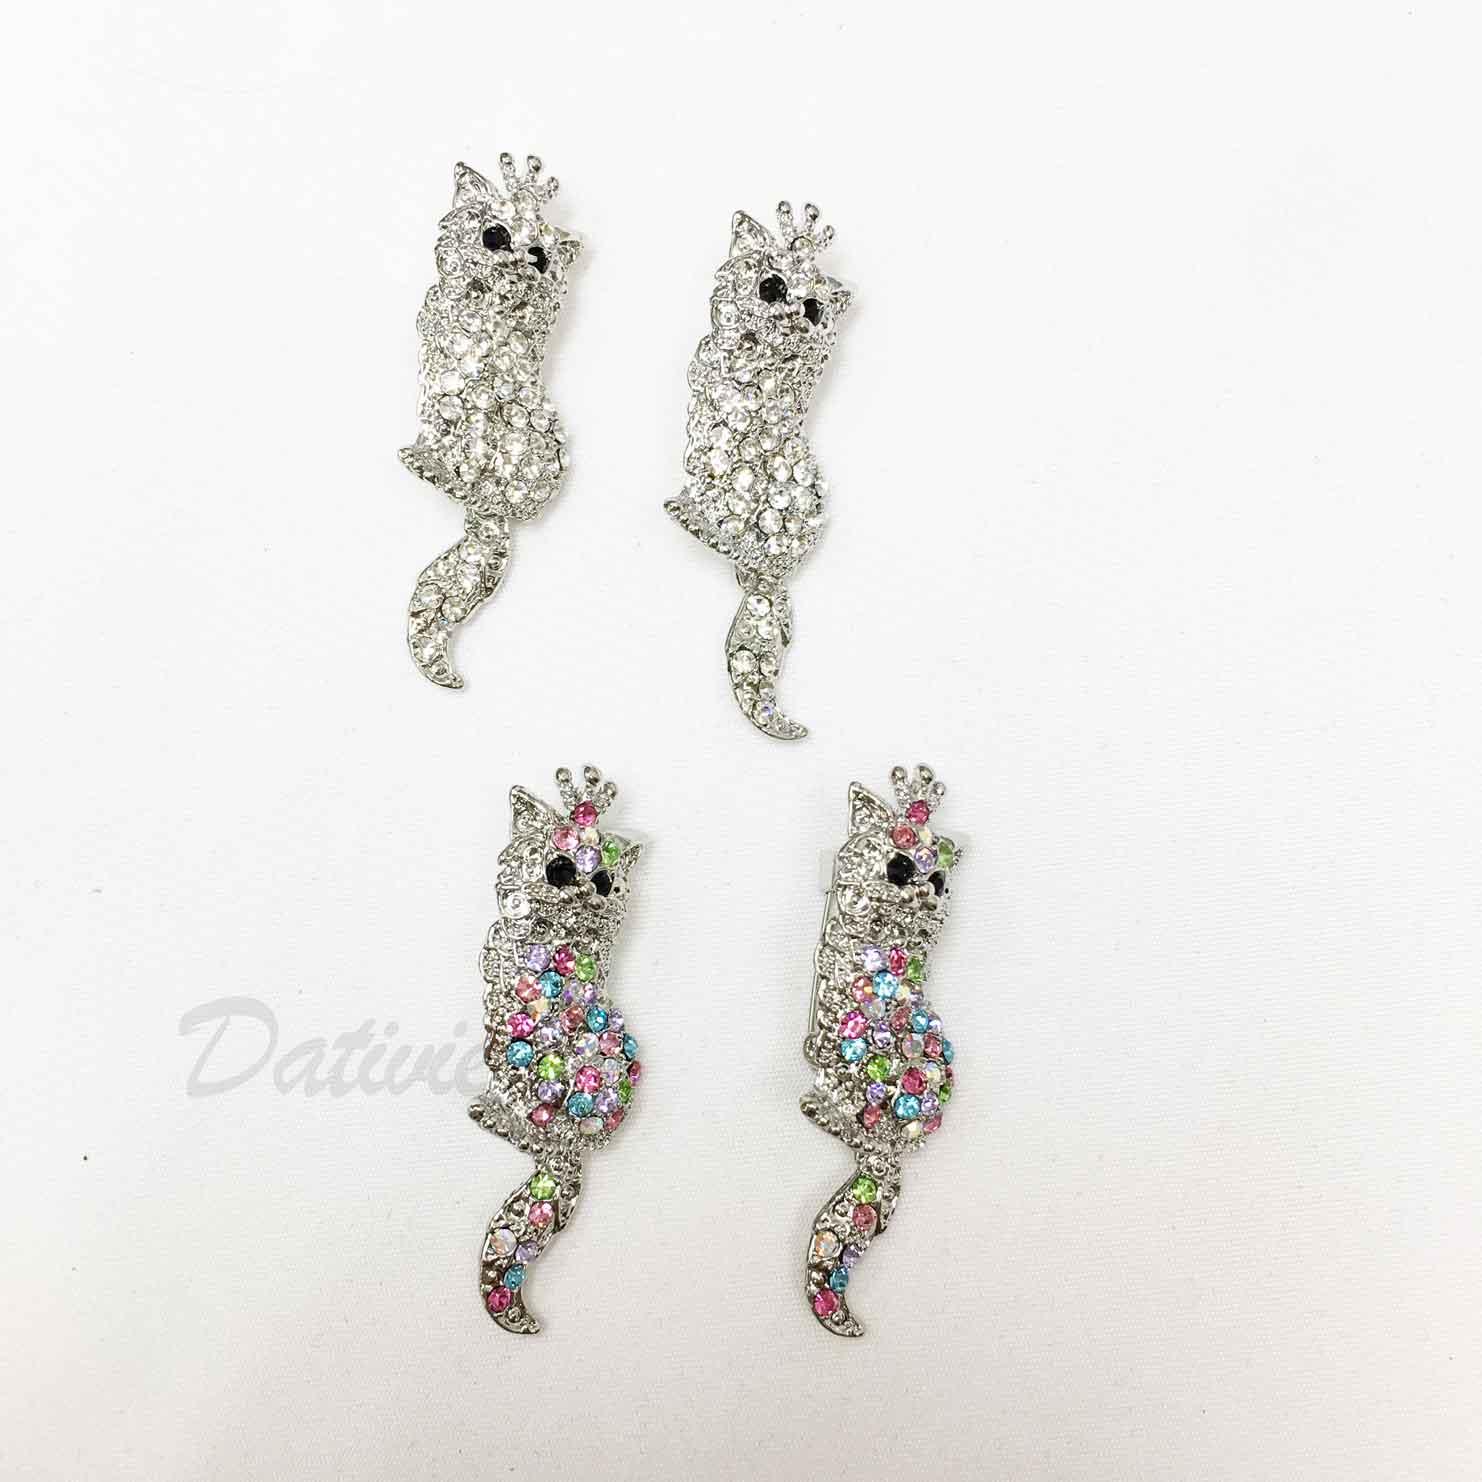 貓咪 可愛 白貓 王冠 彩色水鑽 白鑽 黑鑽 動物造型 兩色 二入一組 胸針